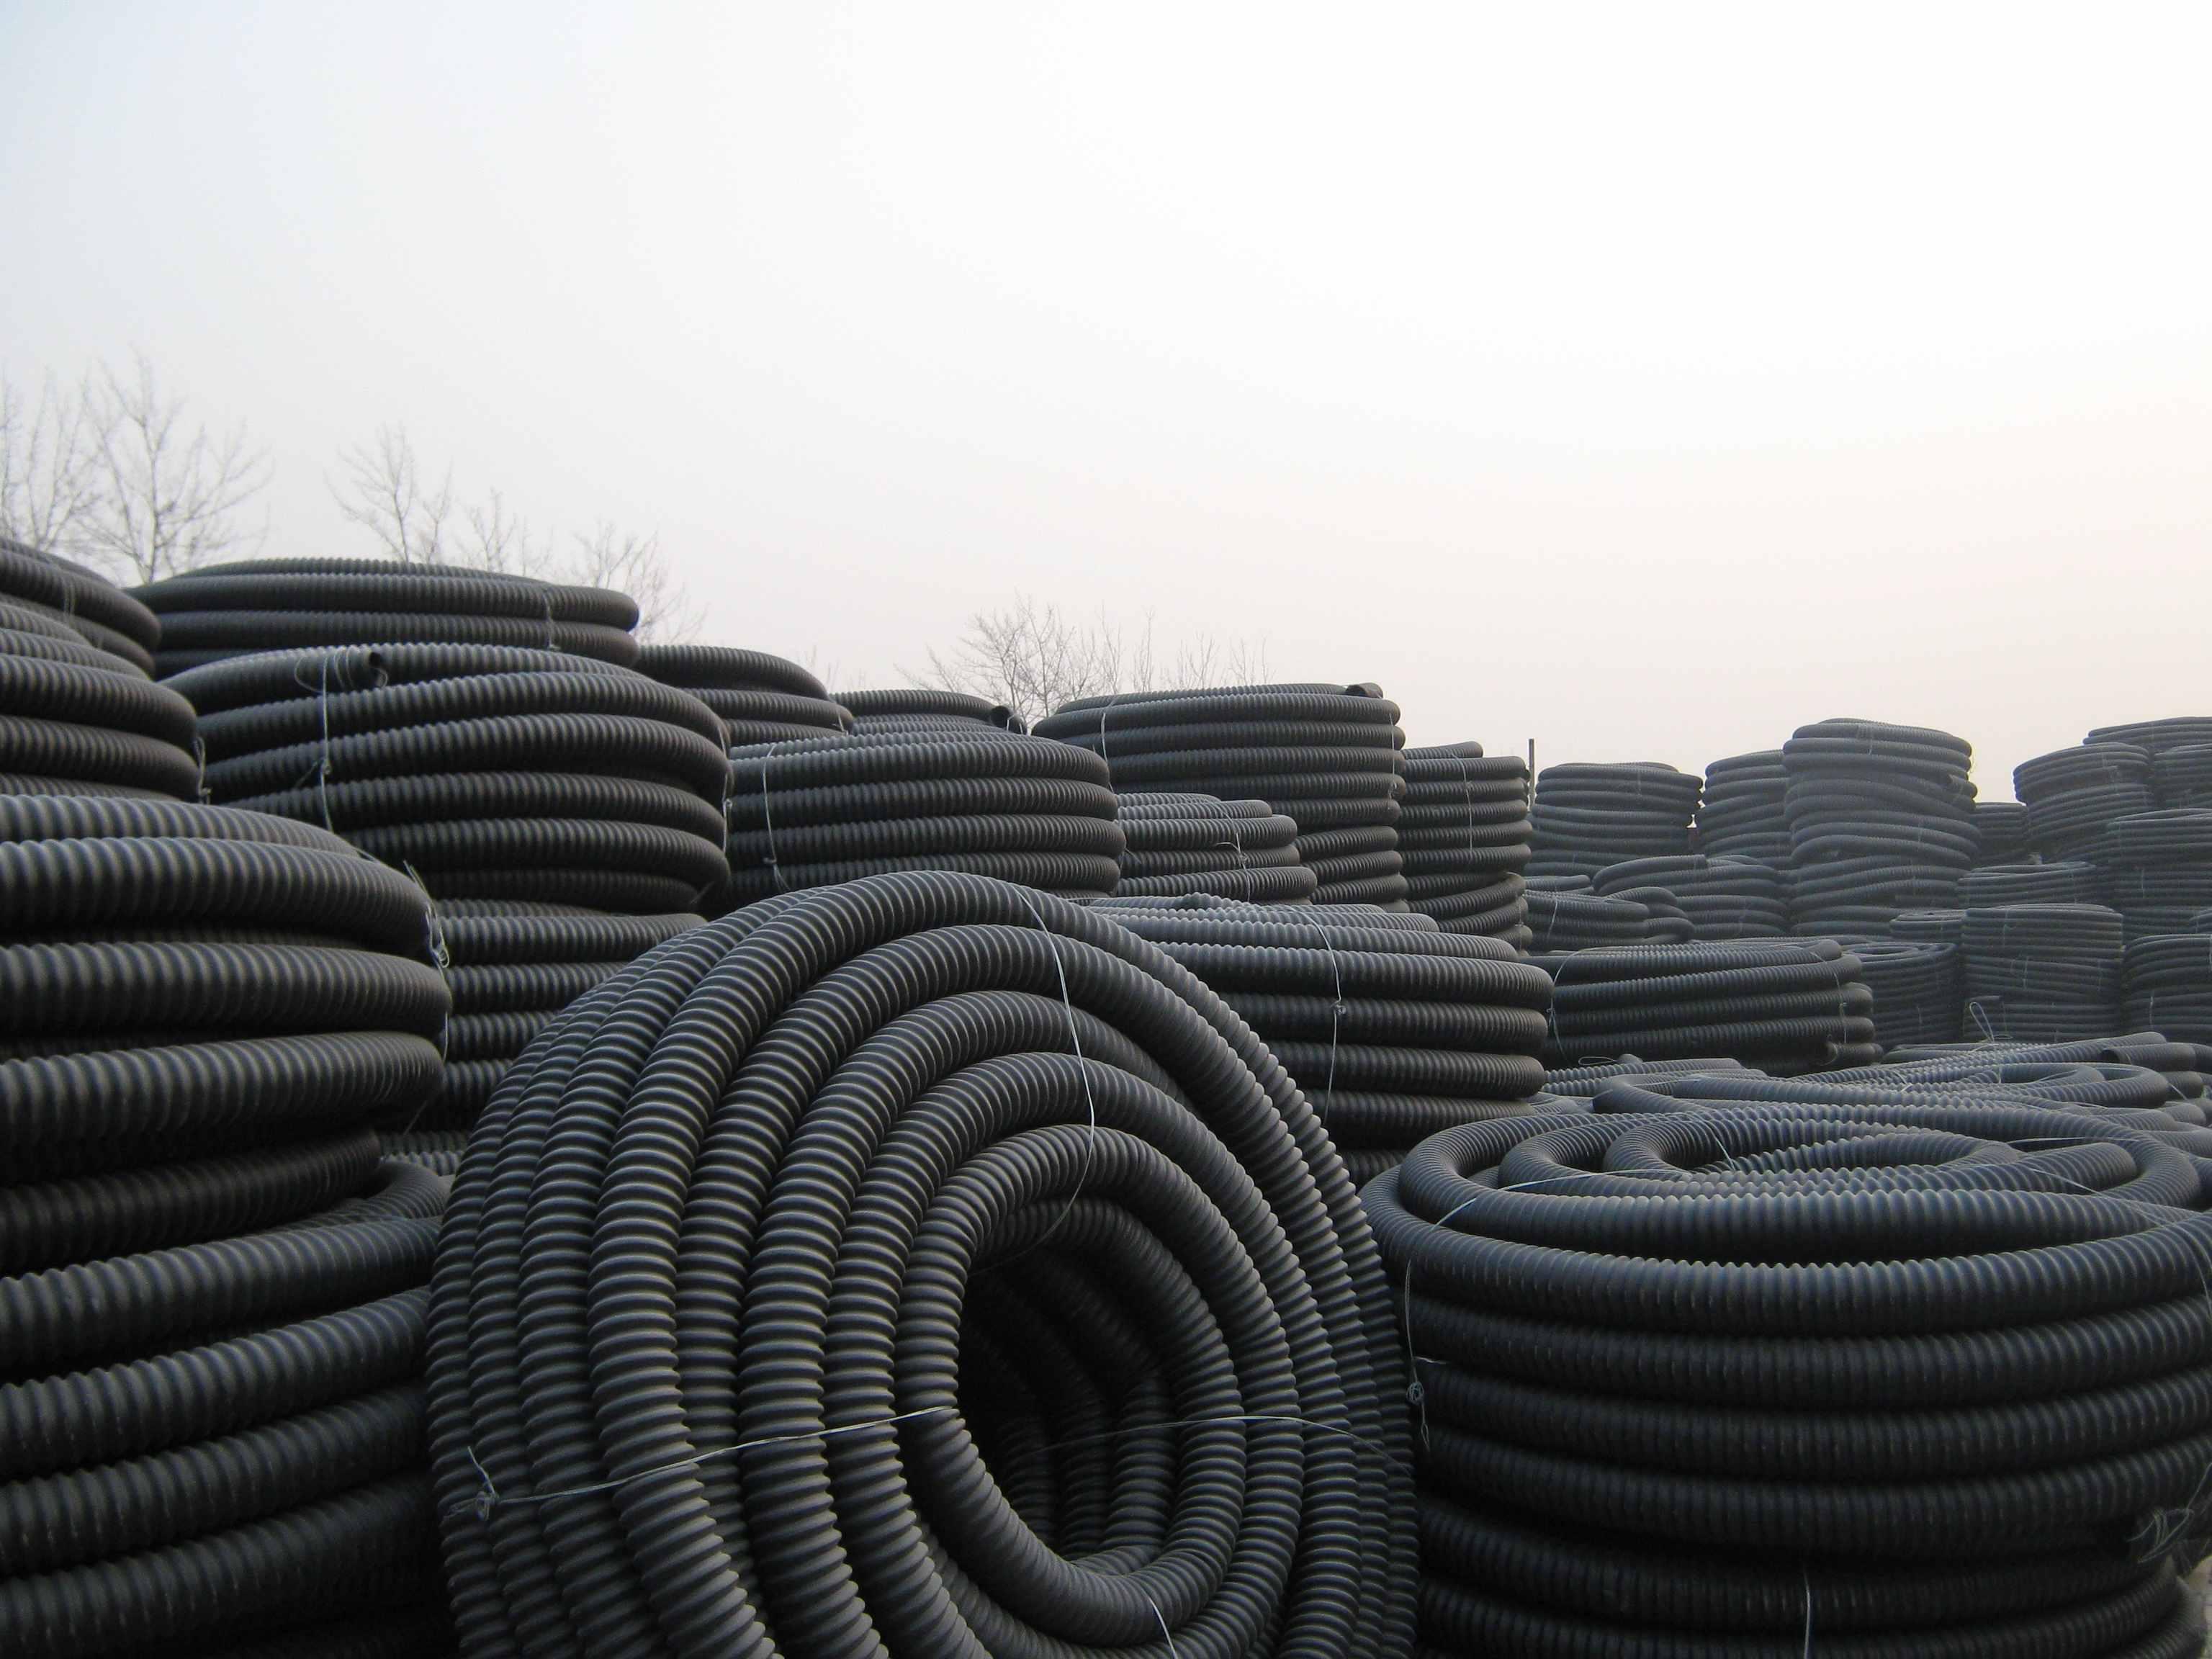 庆云市政电力工程碳素波纹管相关知识解析厂家直销